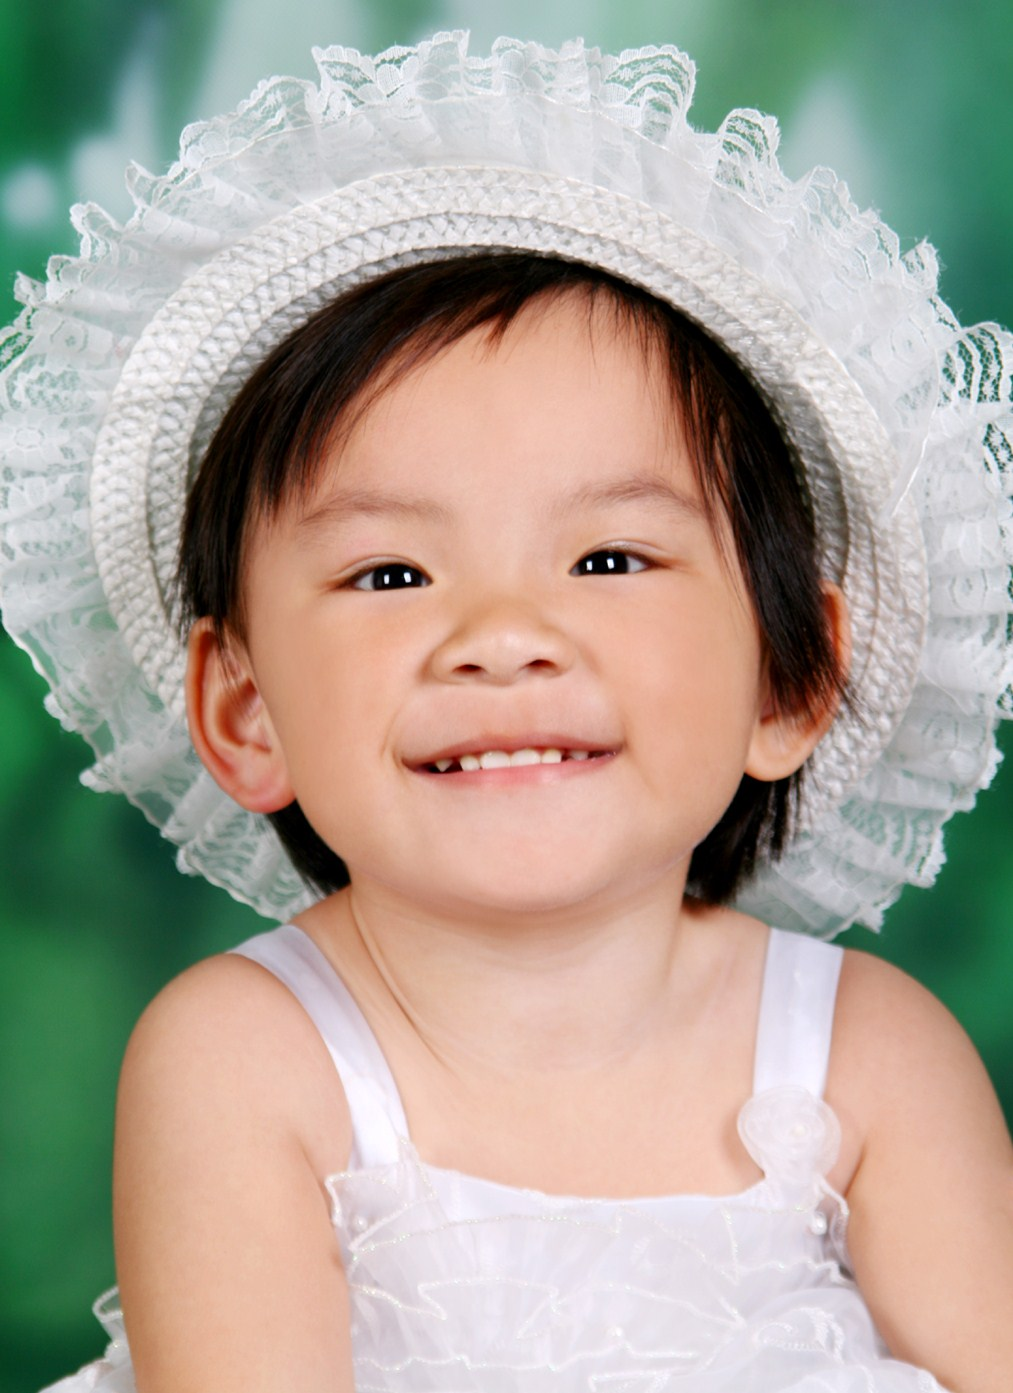 冲我这可爱的笑容也投我一票哟